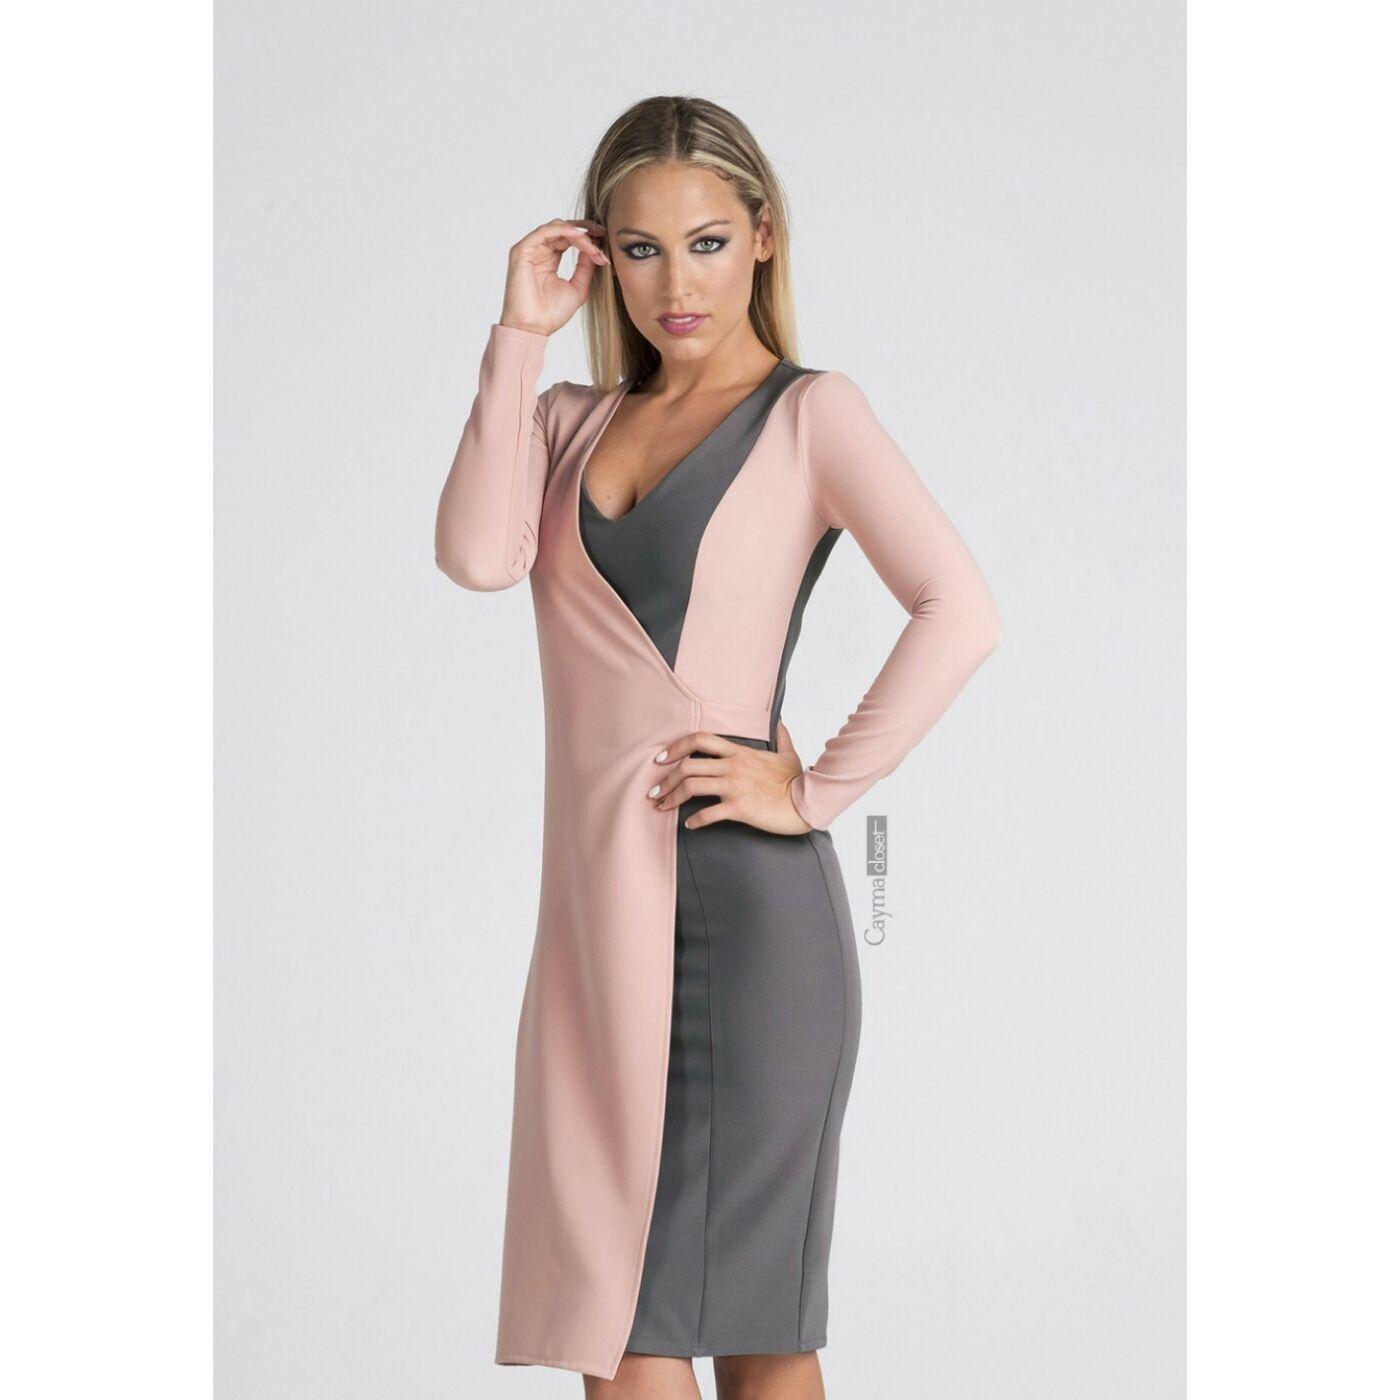 ada076924 Vestido bicolor ajustado asimétrico con diferentes combinaciones. Colores